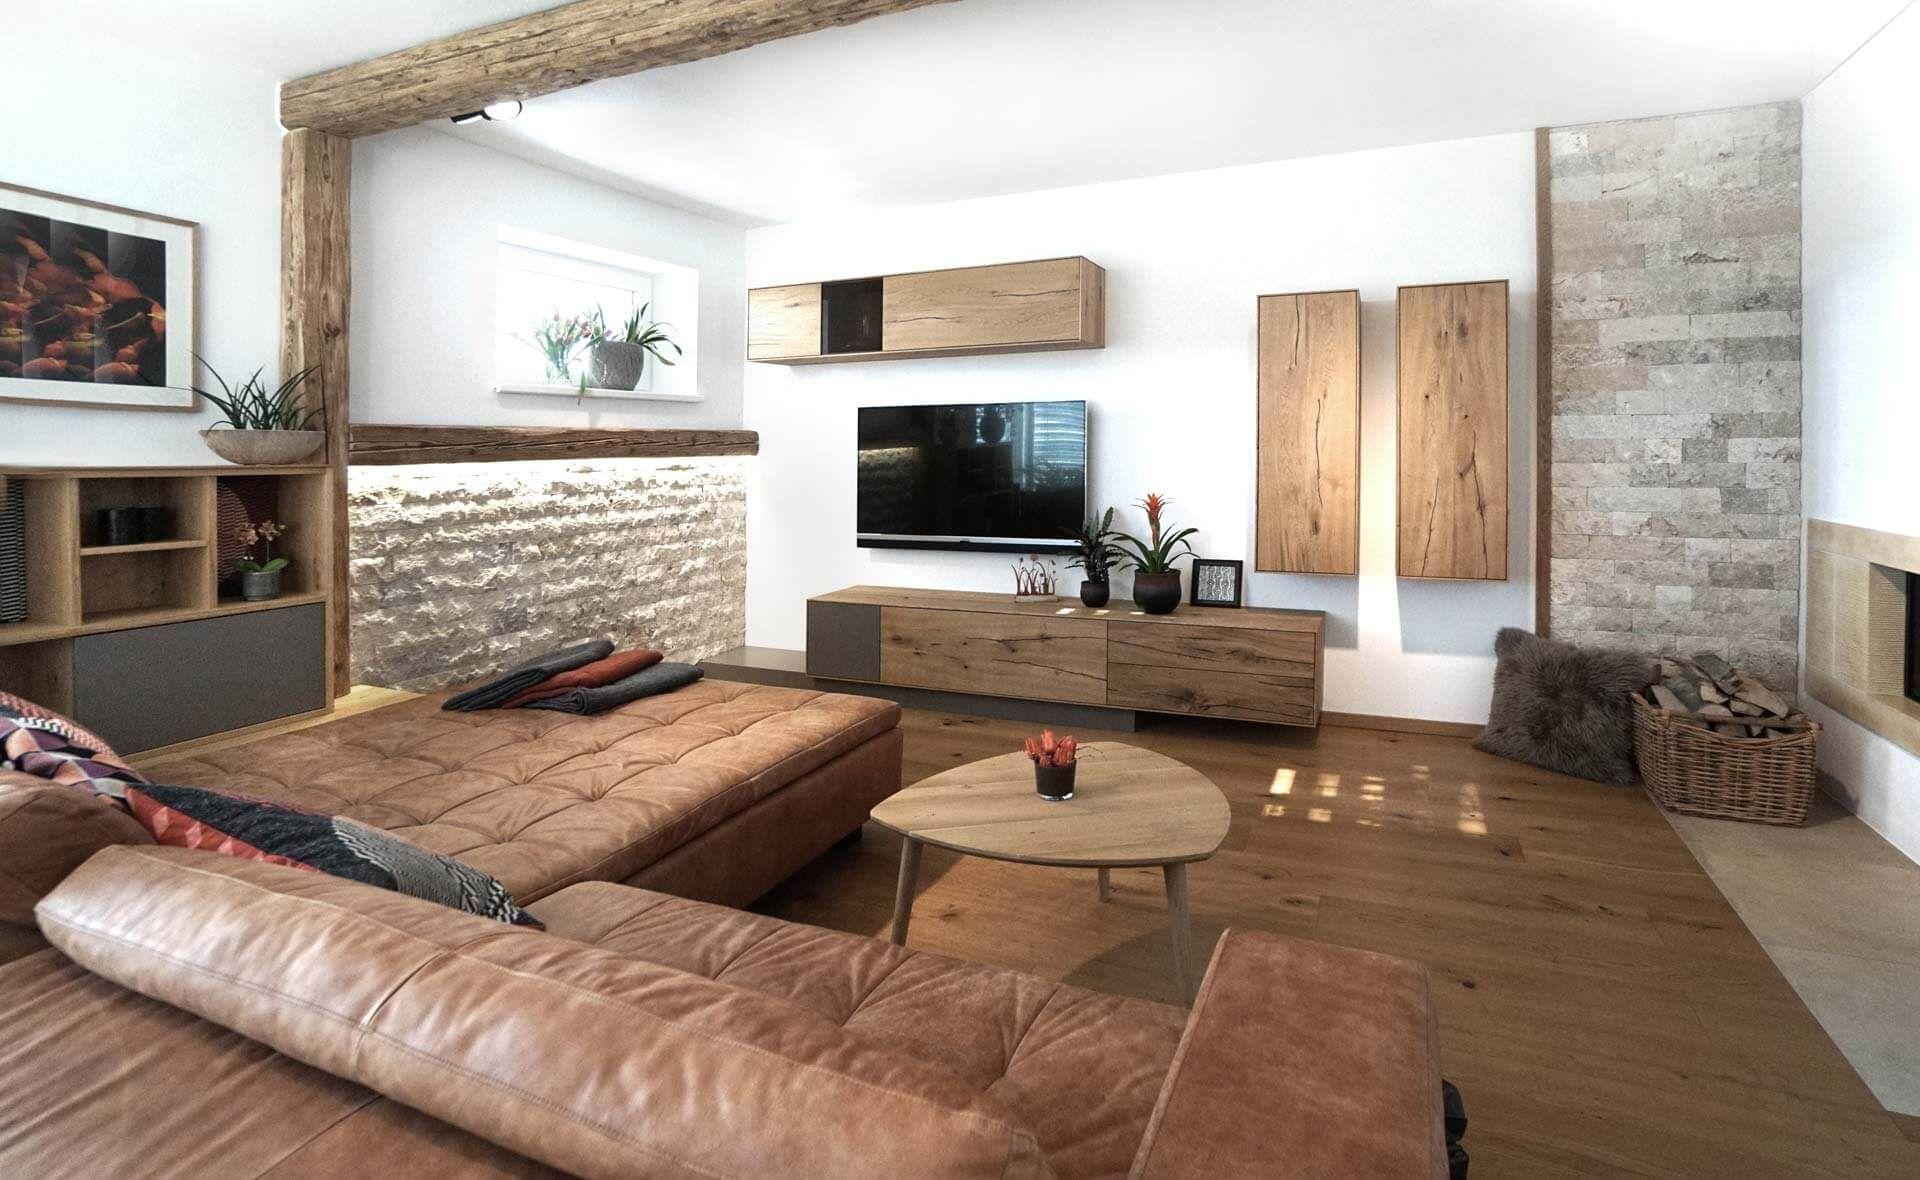 Wohnzimmer, Modern, gemütlich, Altholz, Eiche, Leder, Stein